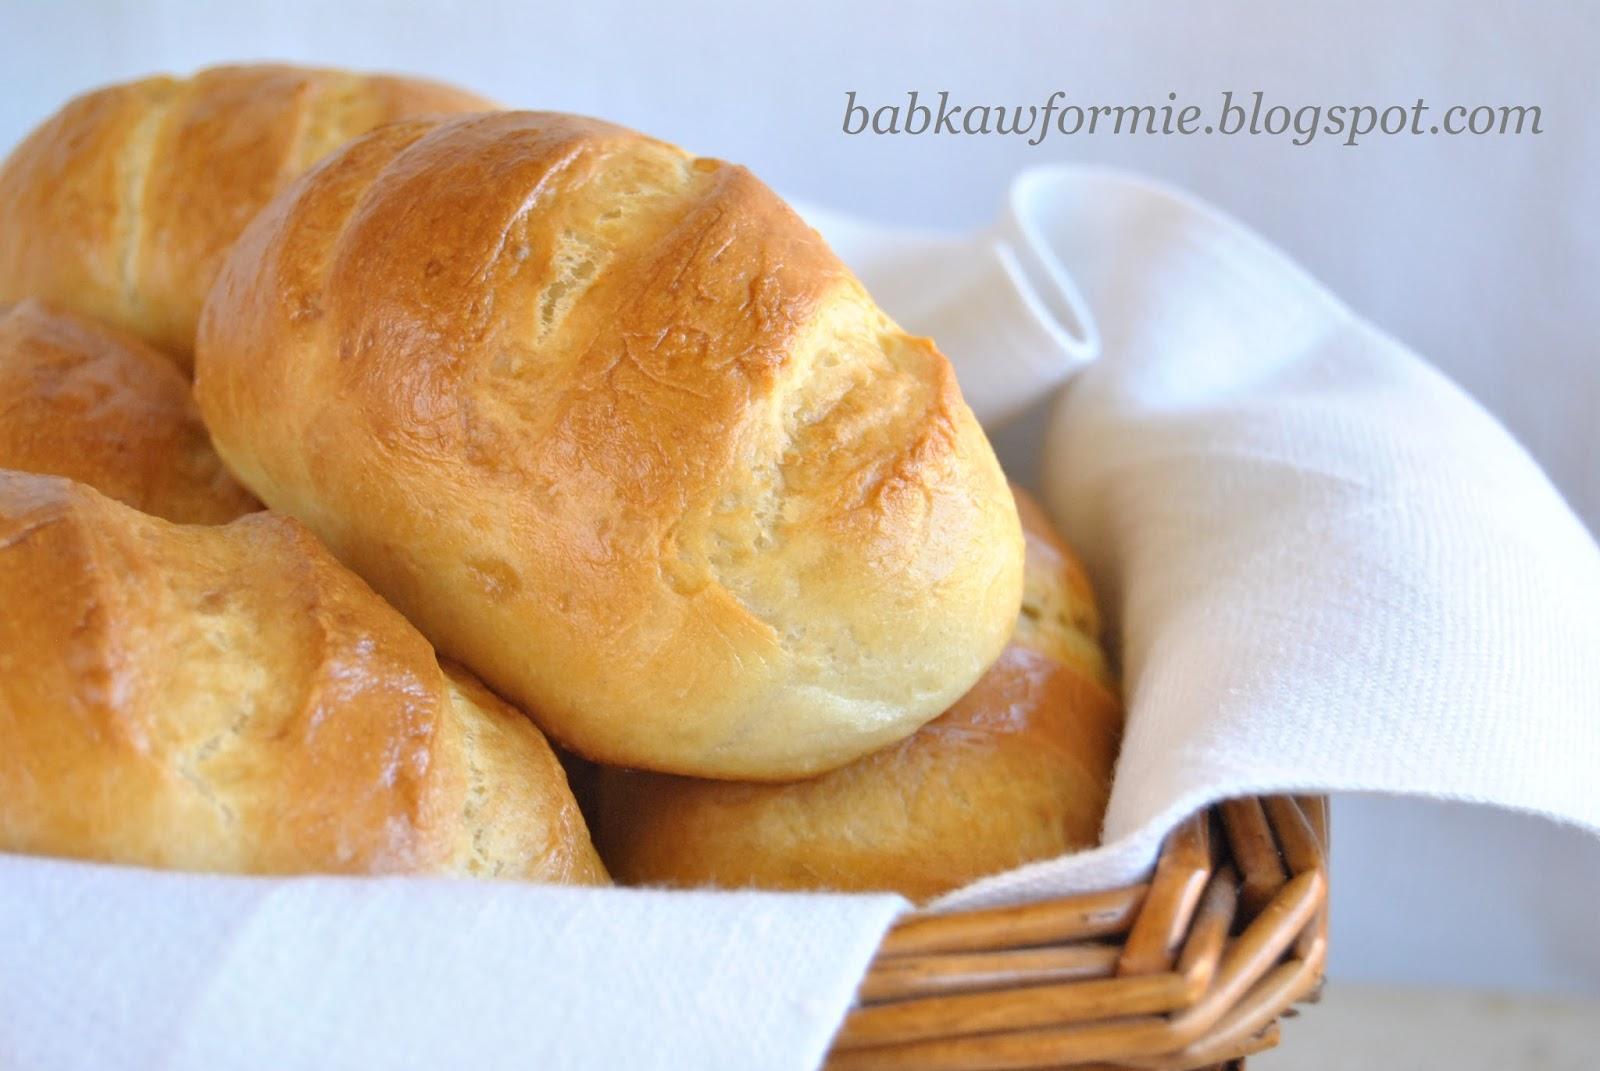 bułki drożdżowe maślane mleczne śniadaniowe babkawformie.blogspot.com